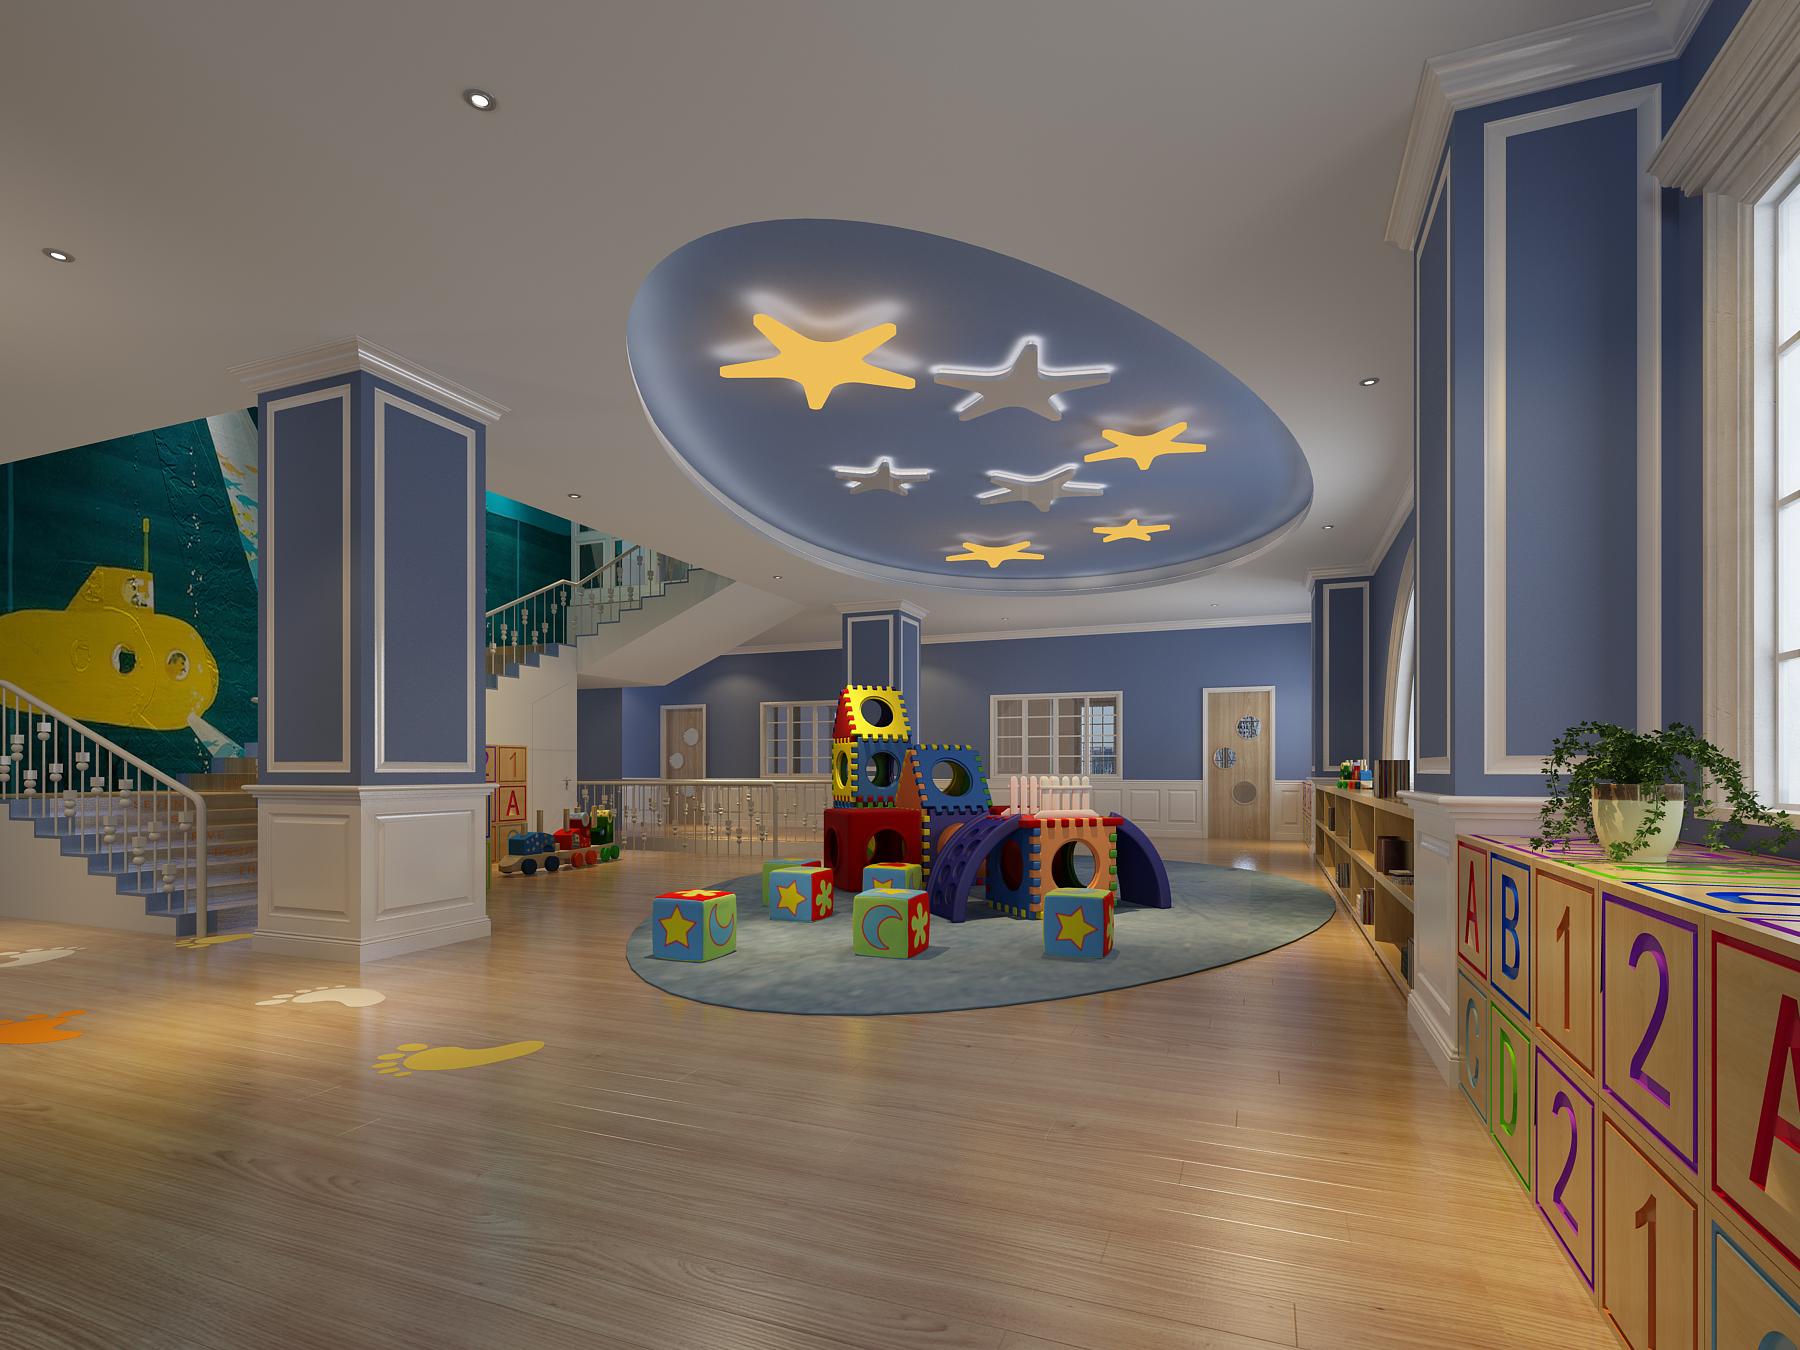 幼儿园装修公司:装修要注意的问题包括环保方面